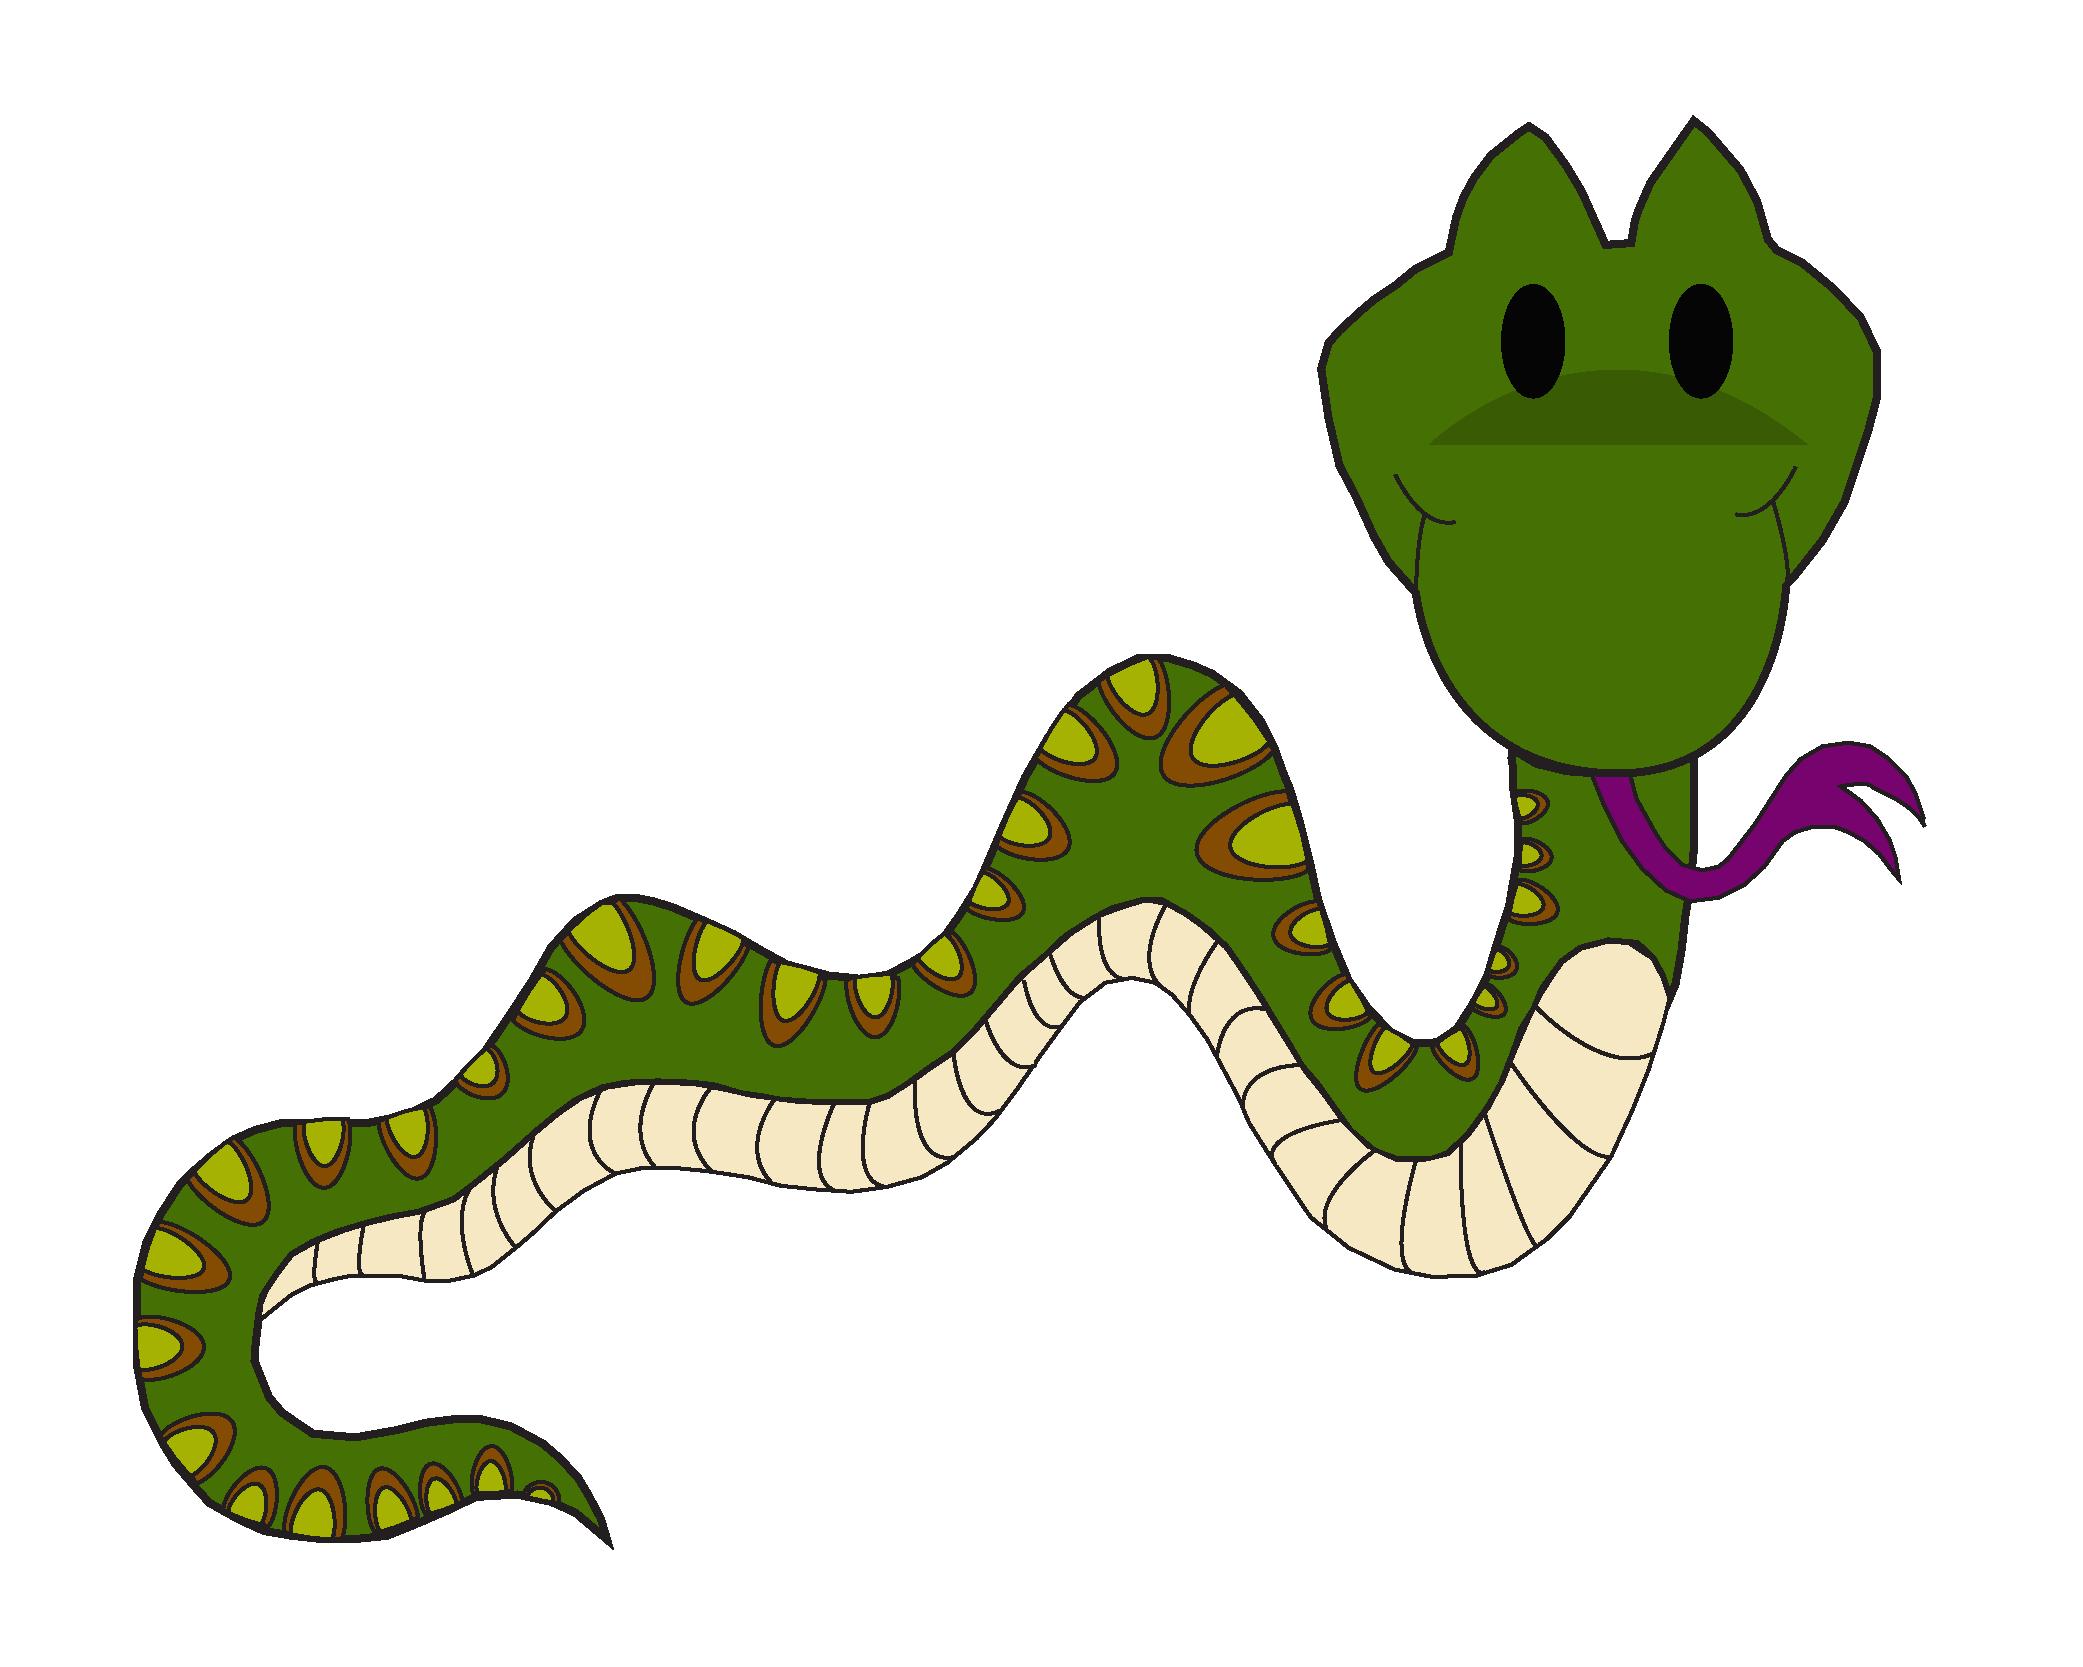 Cartoon snake vector illustration